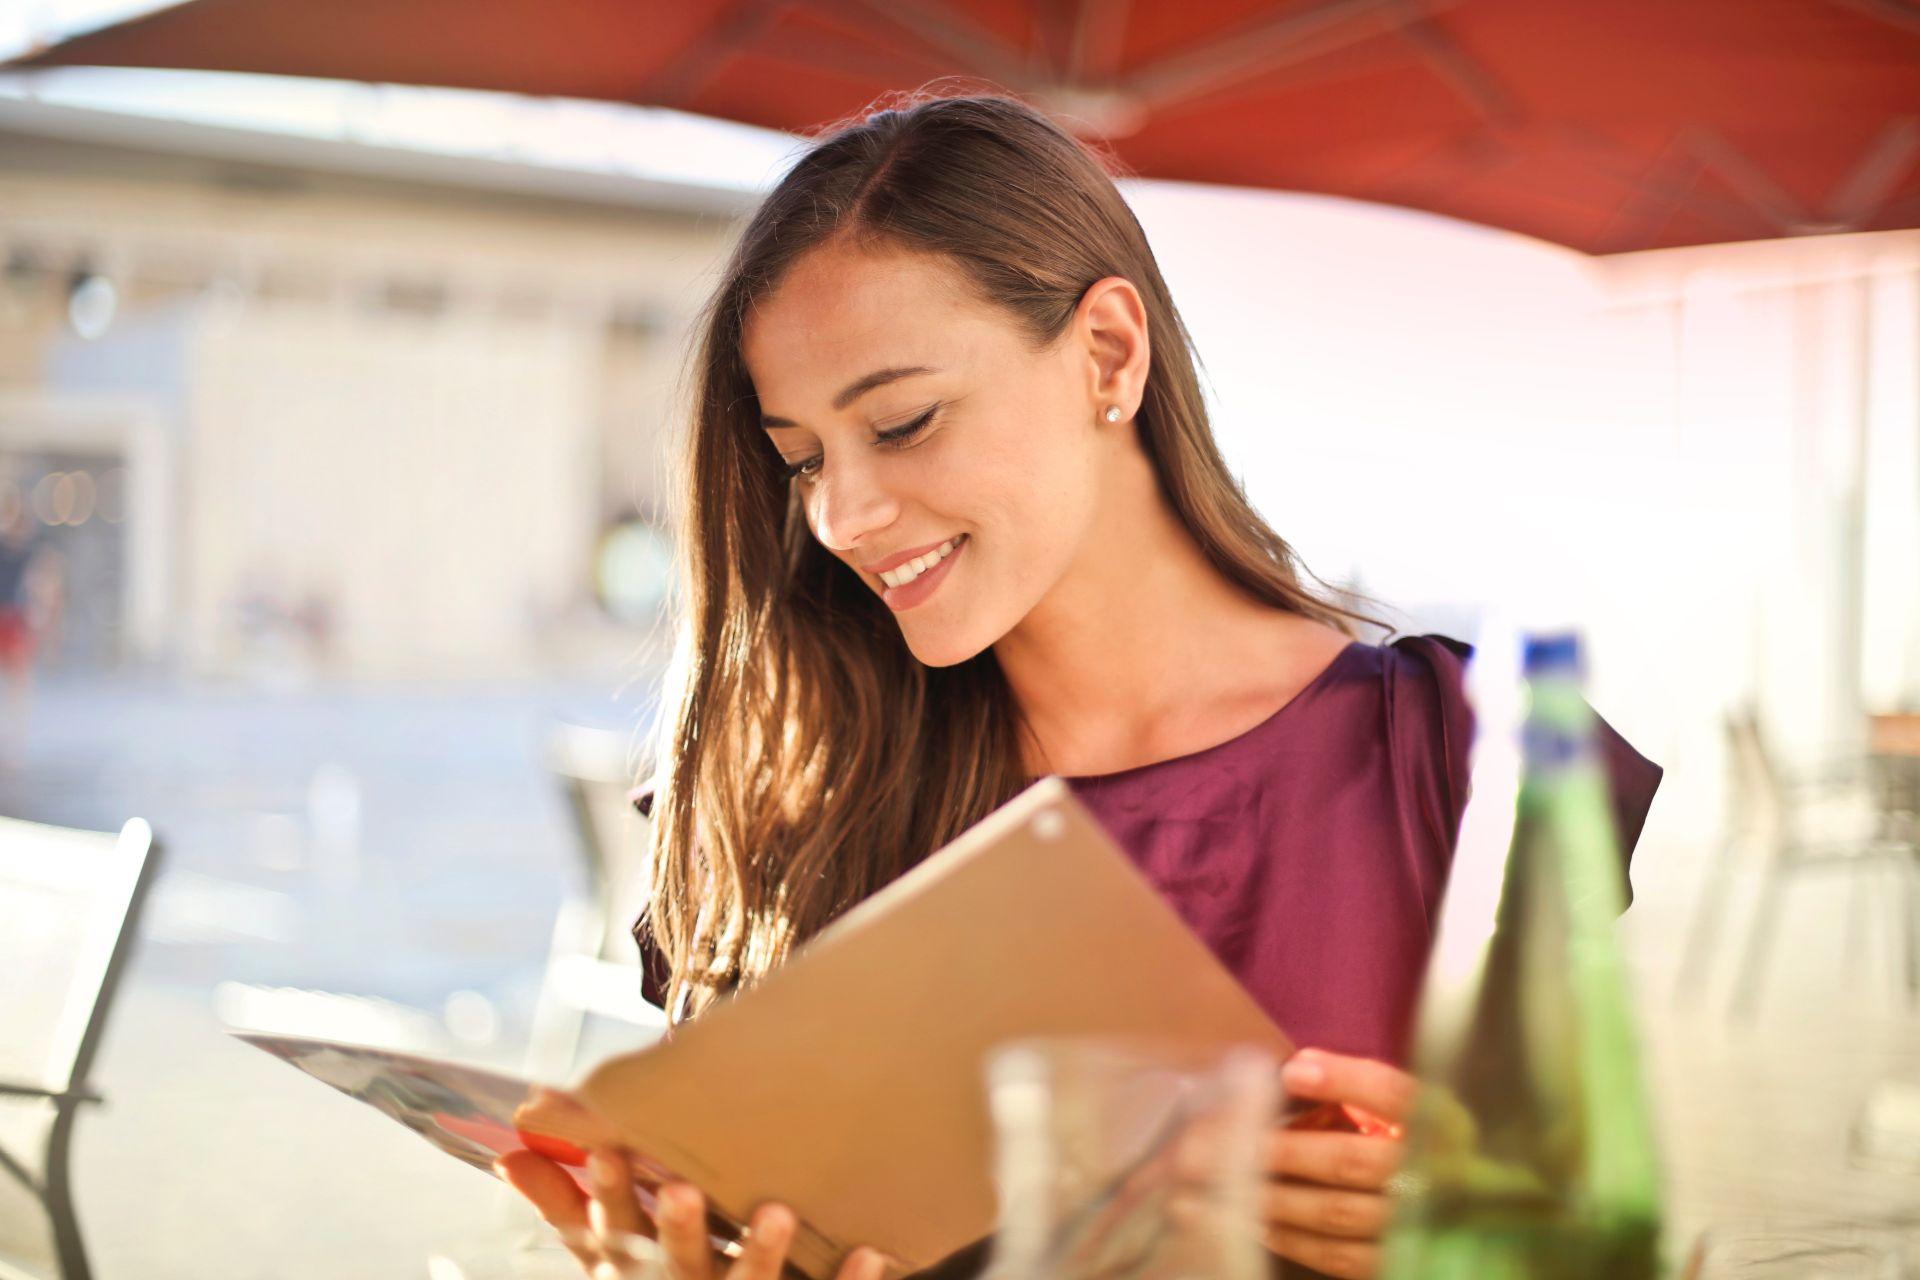 uśmiechnięta dziewczyna czytająca książkę - zdjęcie wprowadzające